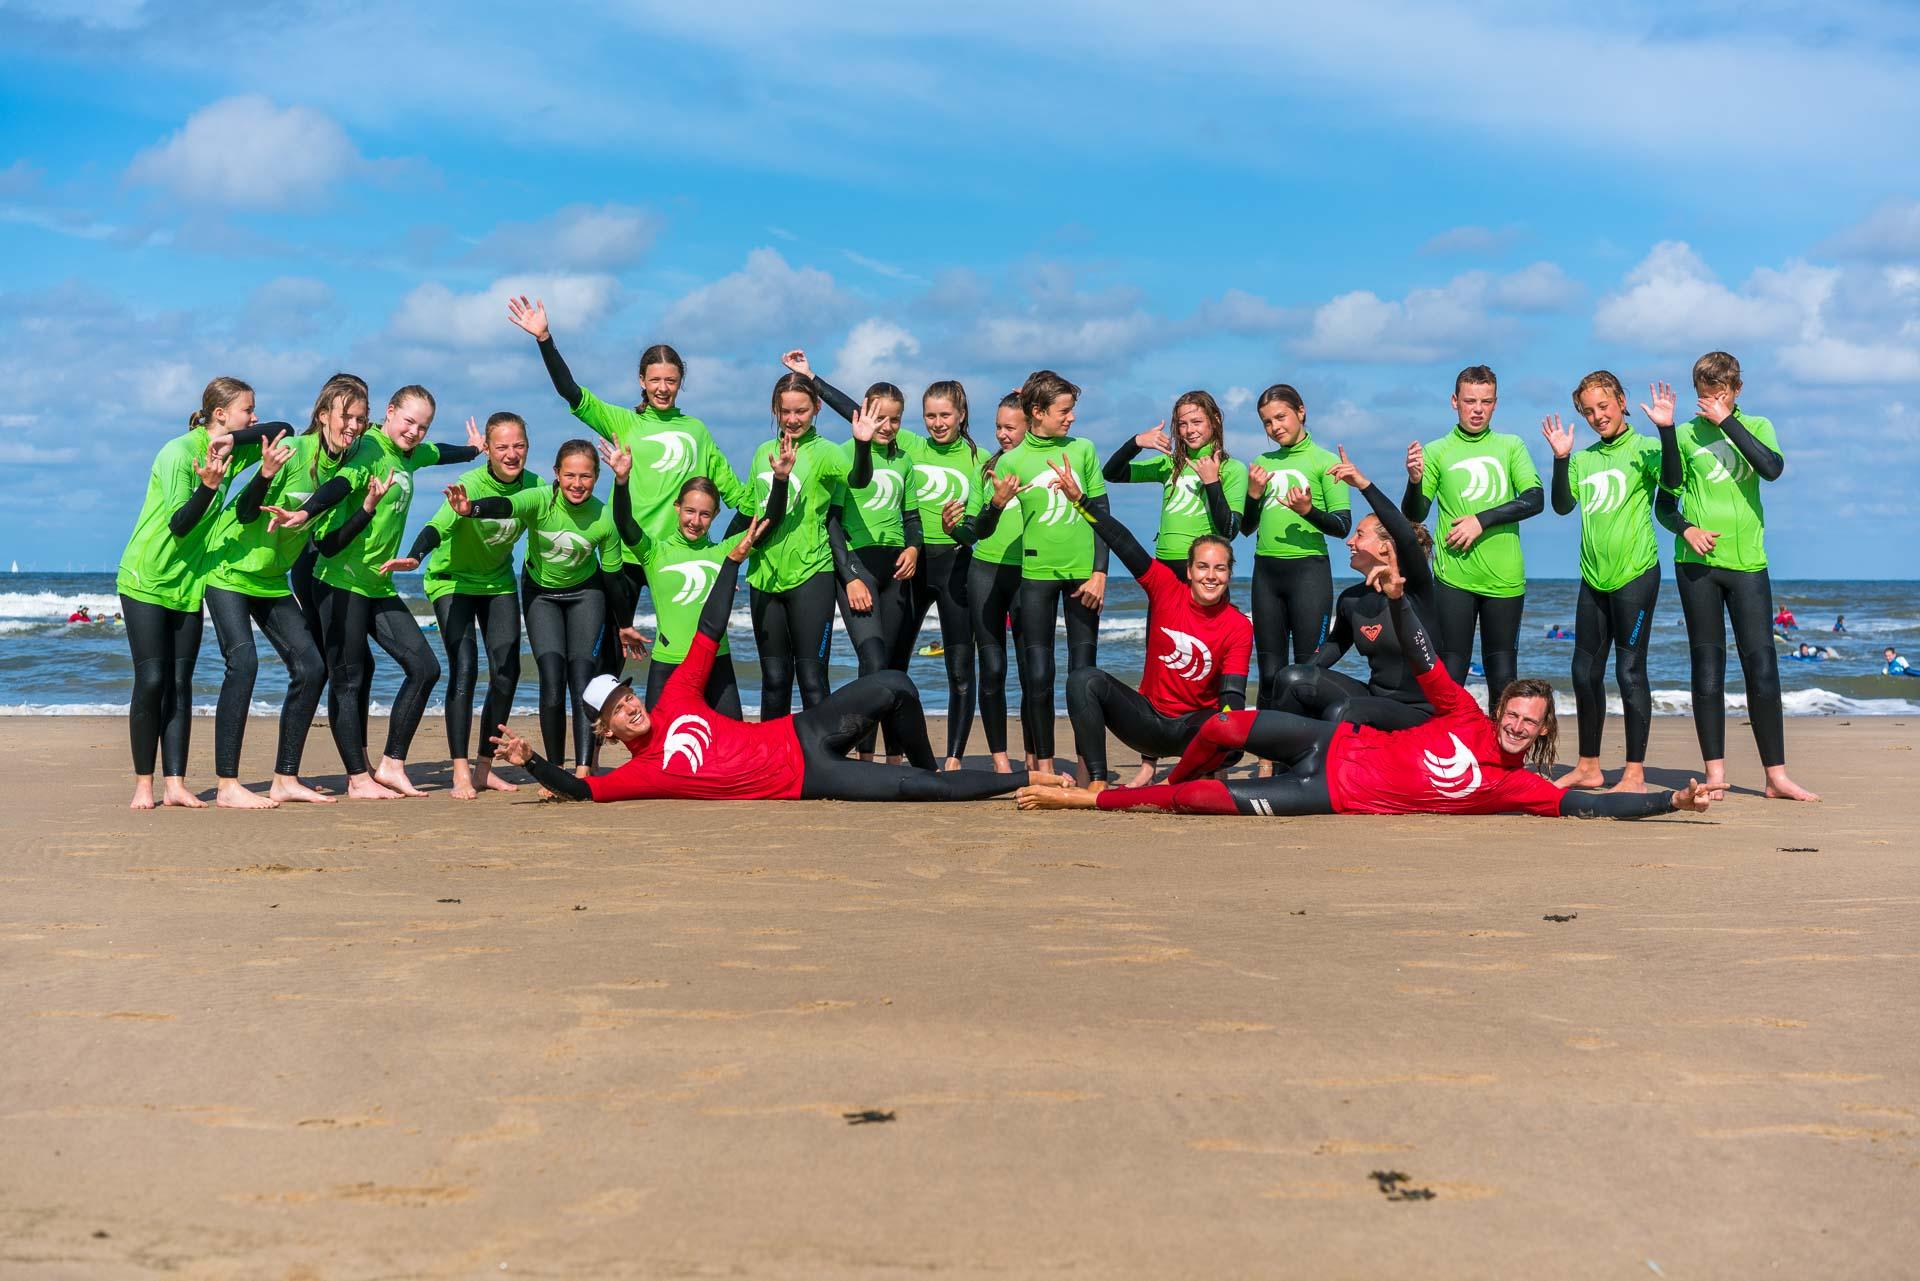 Magnifiek Leuk Schoolreisje organiseren? Sportdag of schoolkamp op het strand &YK93